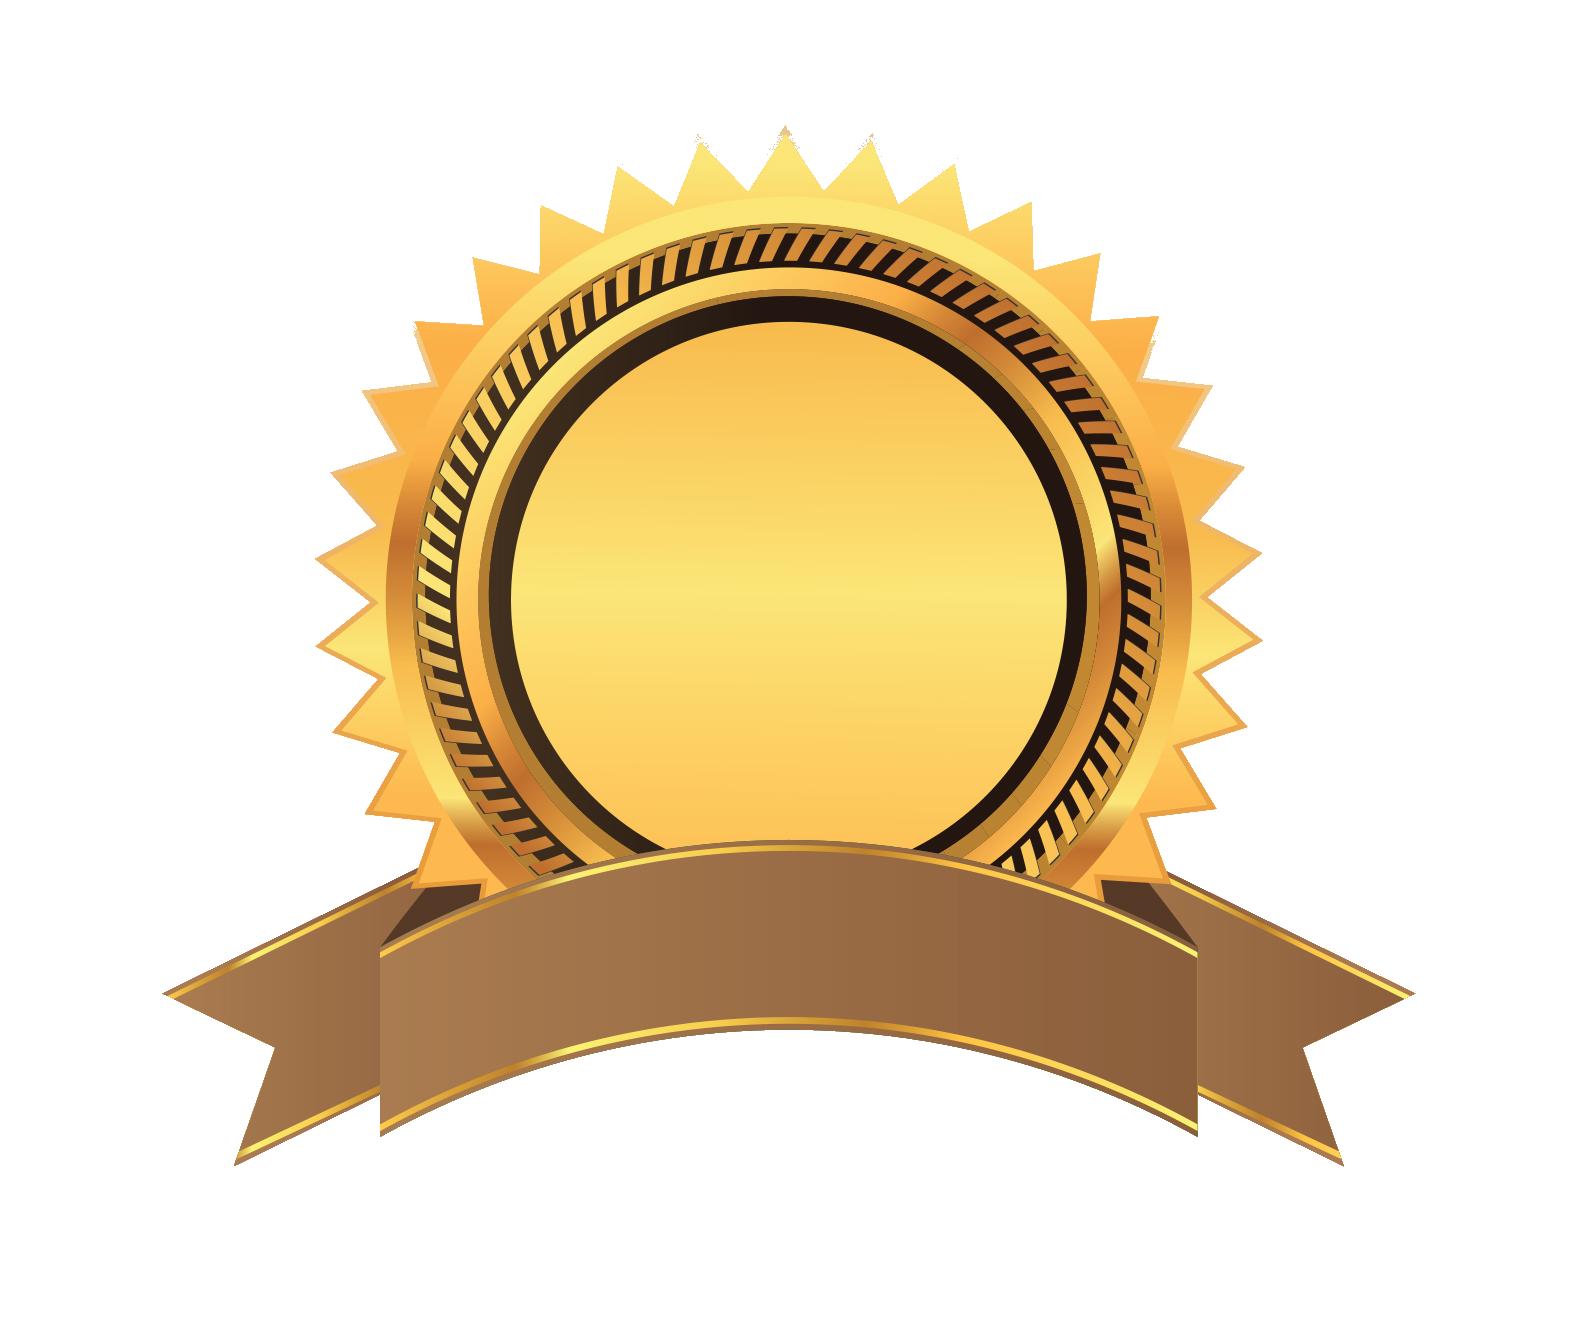 Gold Award PNG - 166760